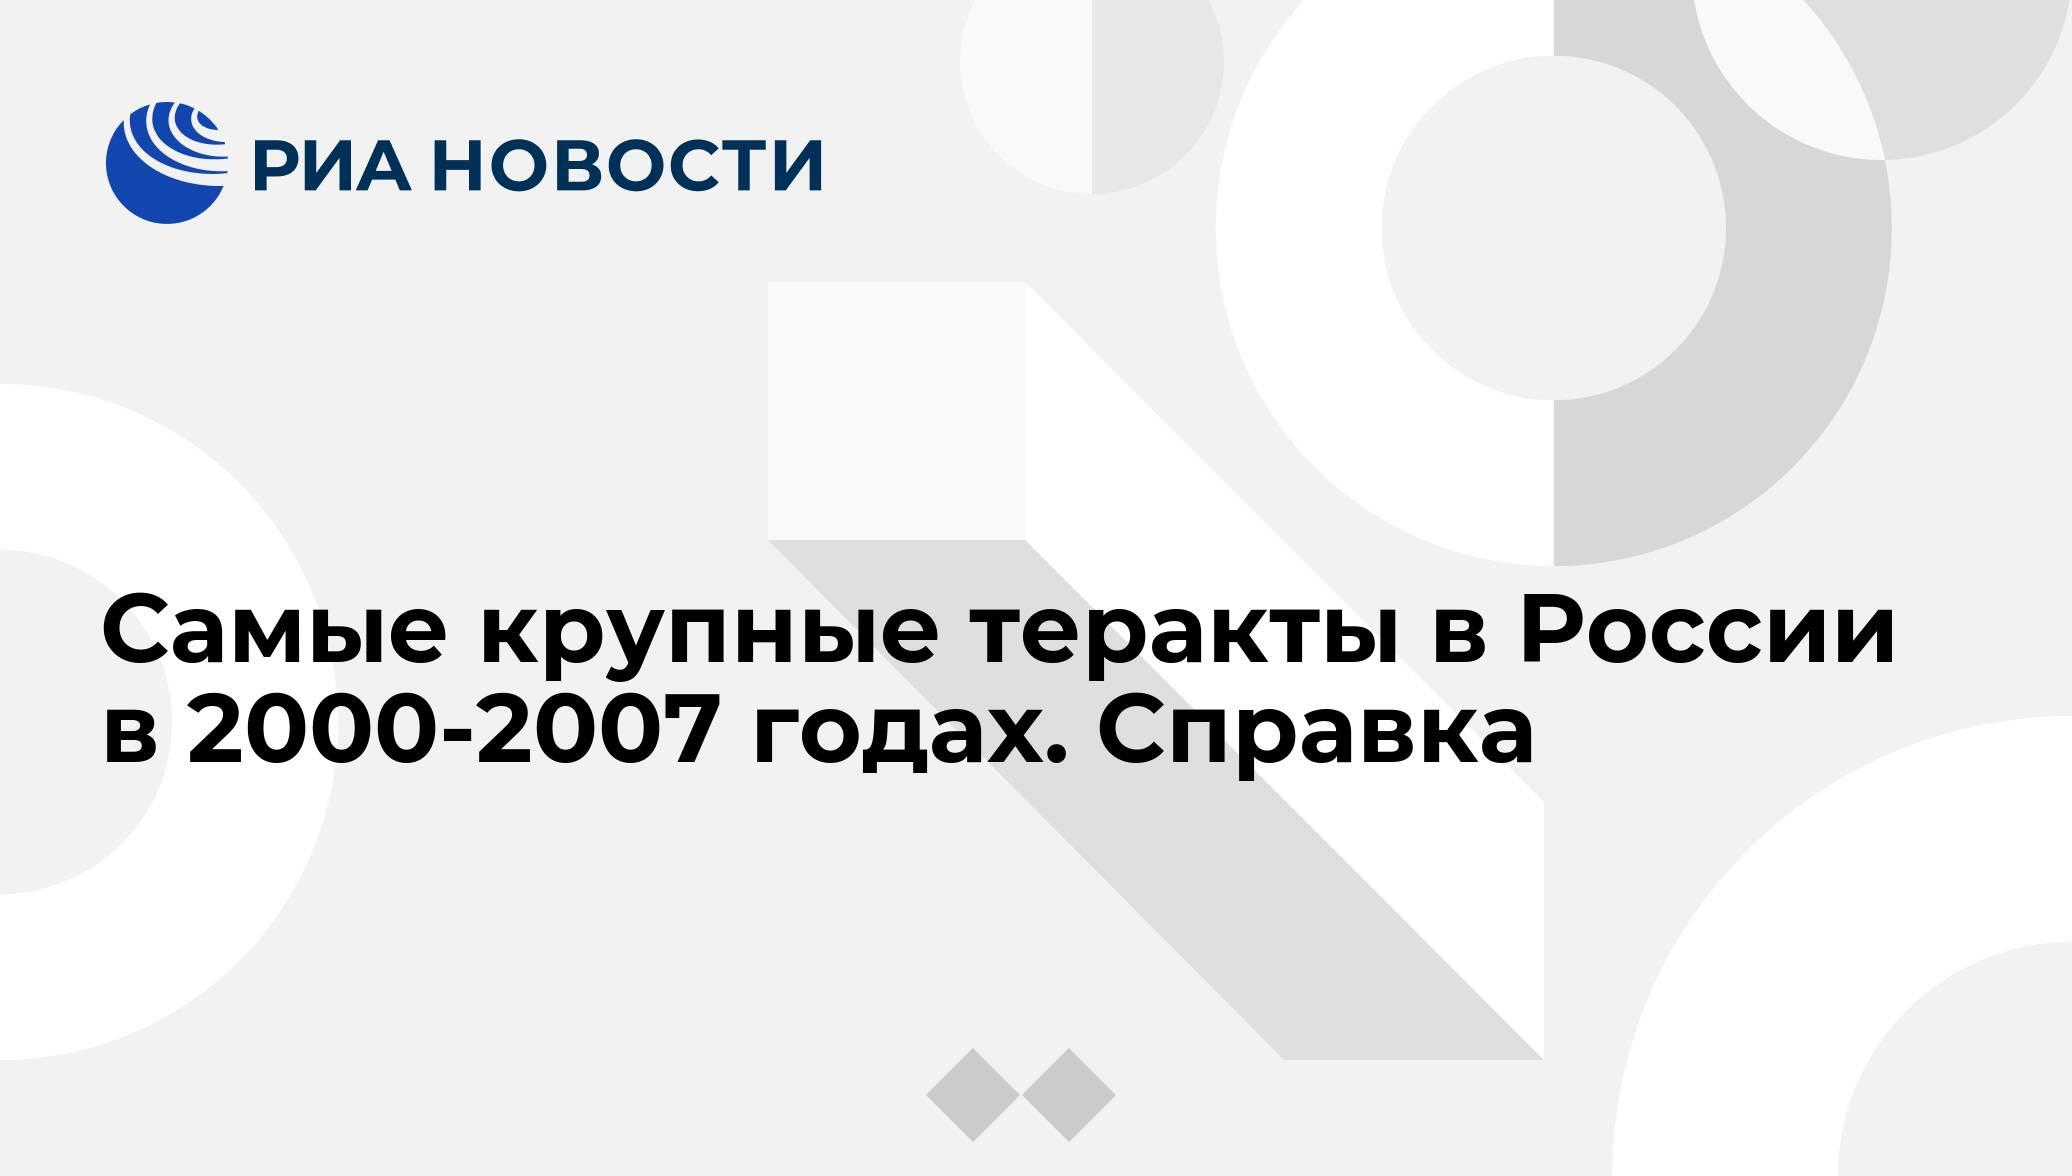 Реферат крупнейшие теракты в россии 2198